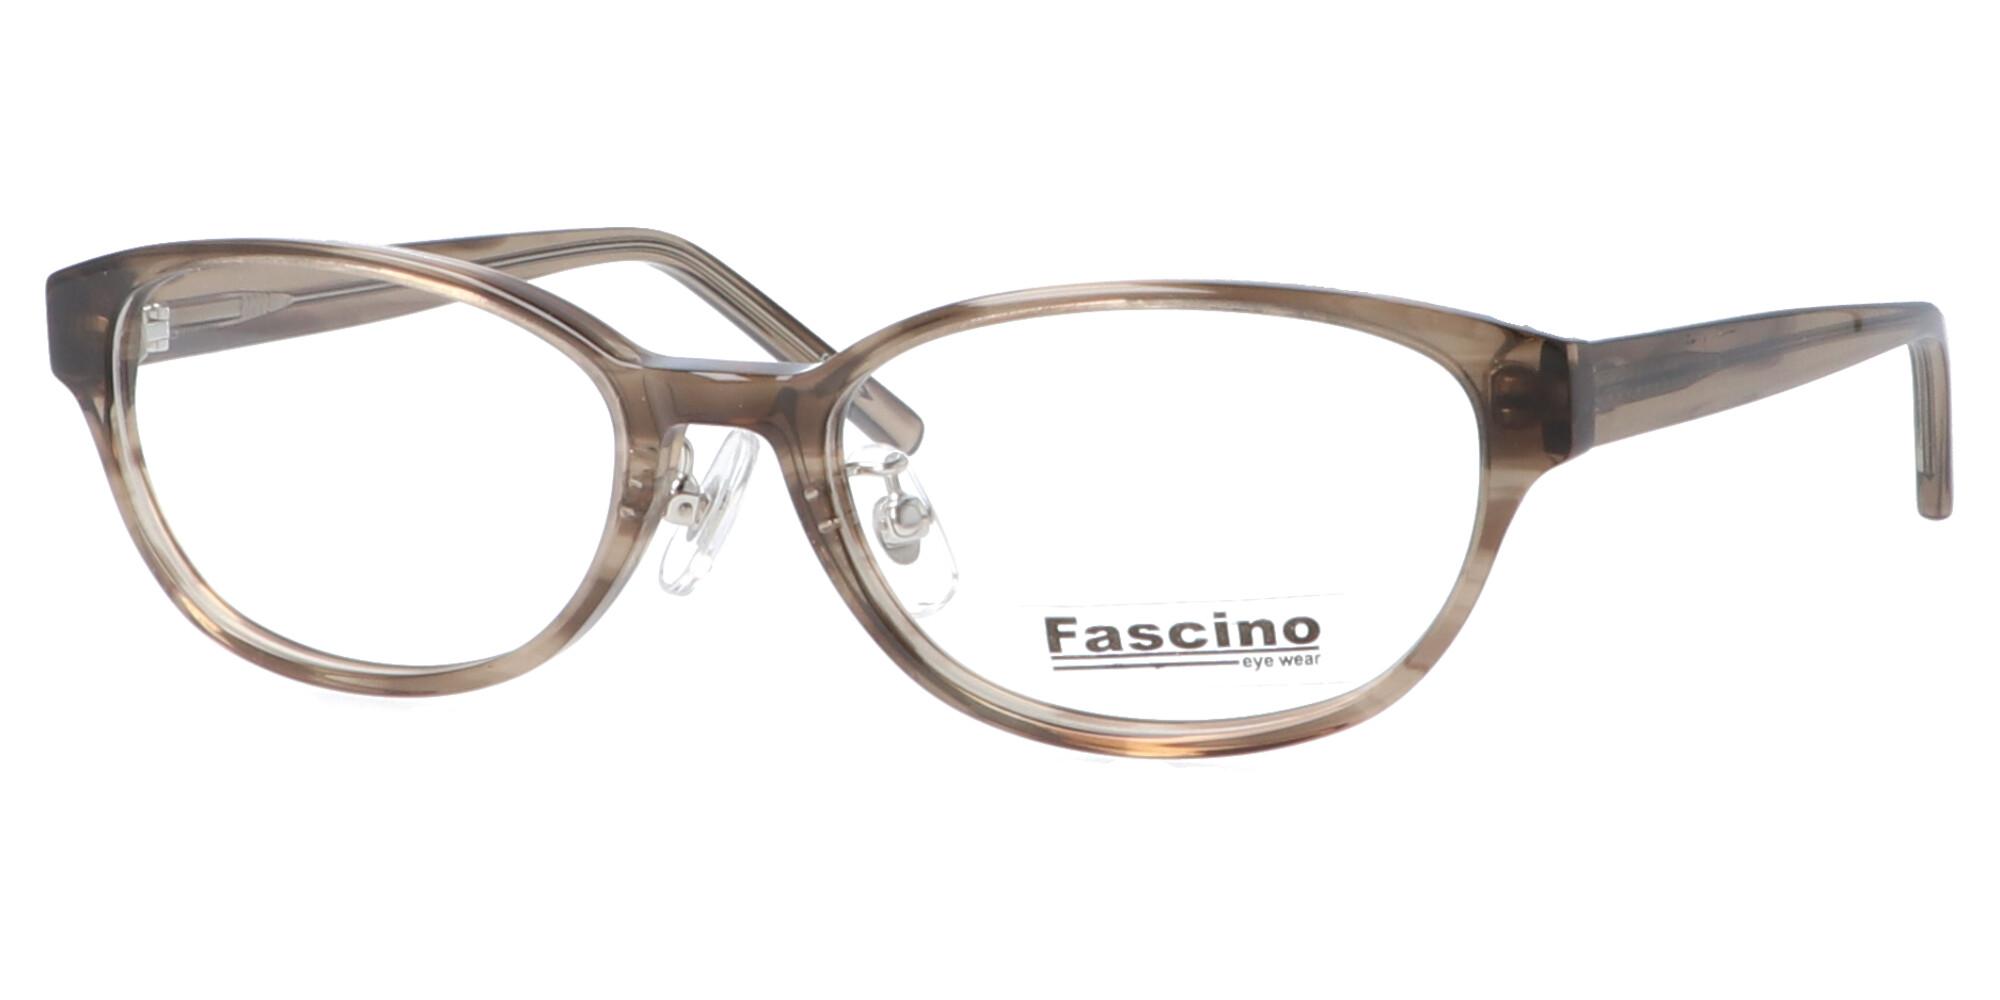 ファーシノ TC1017_51_ライトブラウン